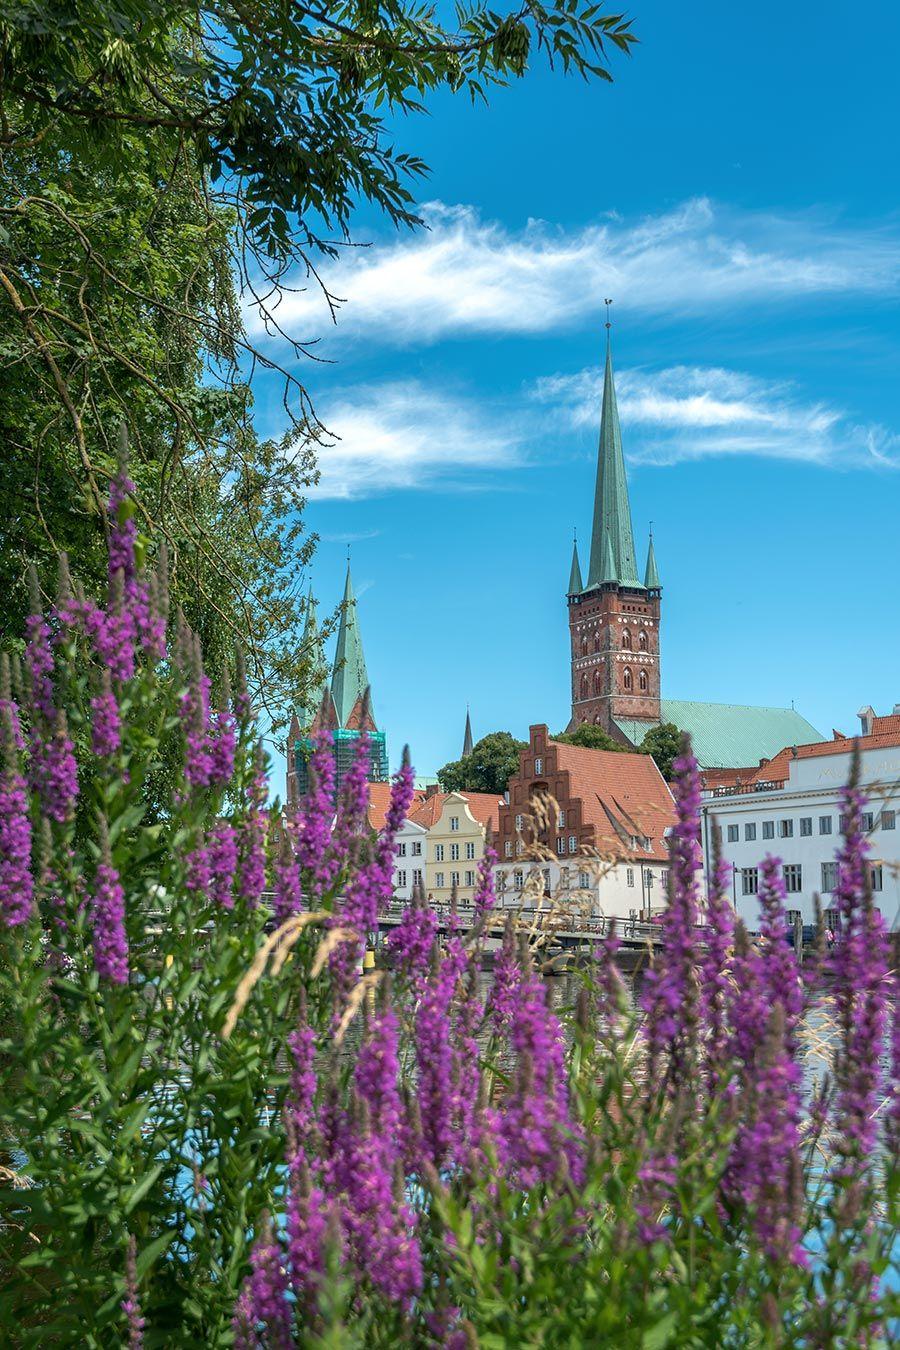 Der Petriturm von Blumen umrahmt | Wir sind Lübeck | Pinterest